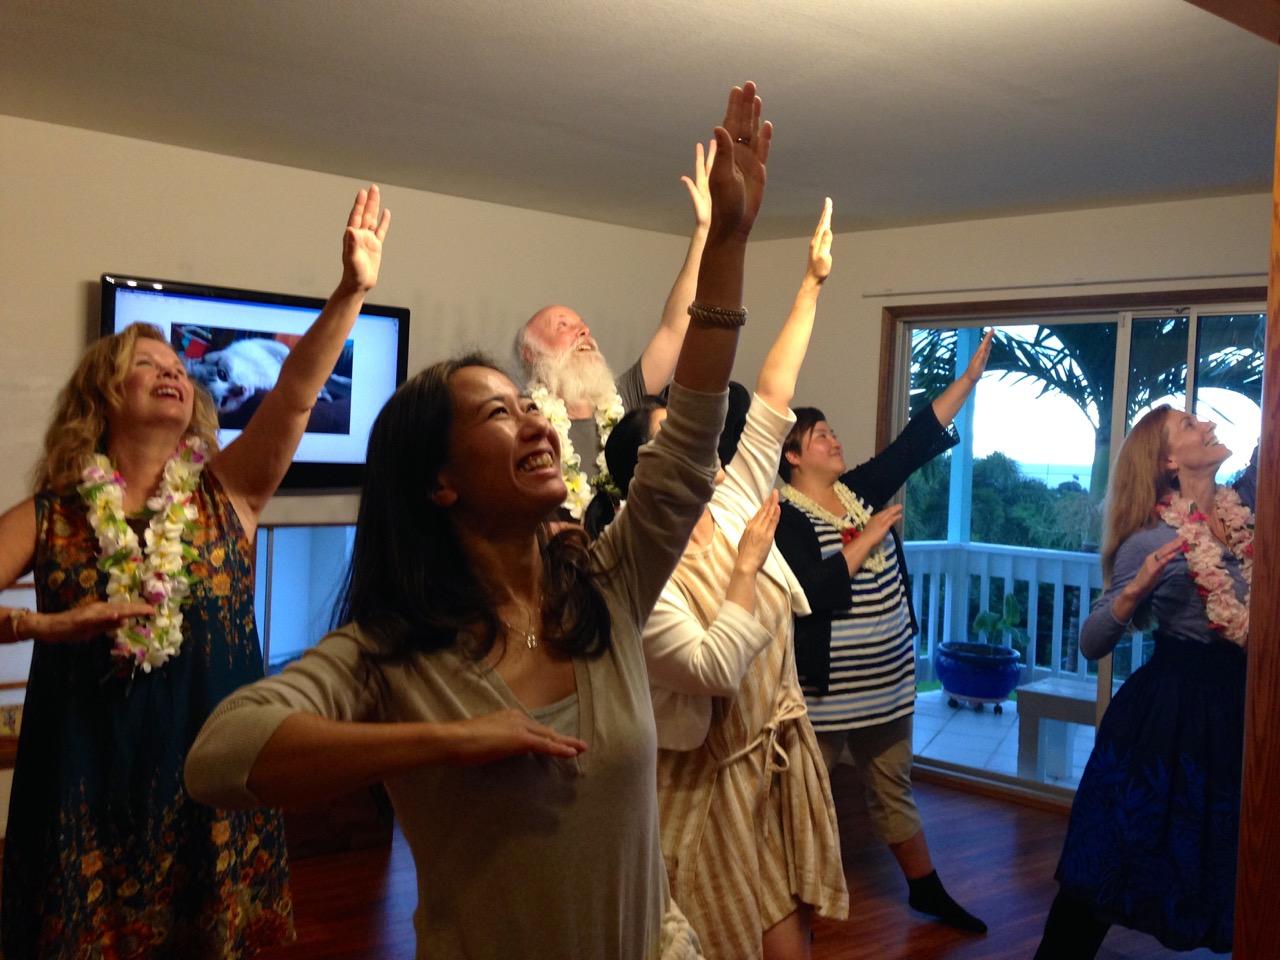 HULA-dancing-the-group-beaming.jpg